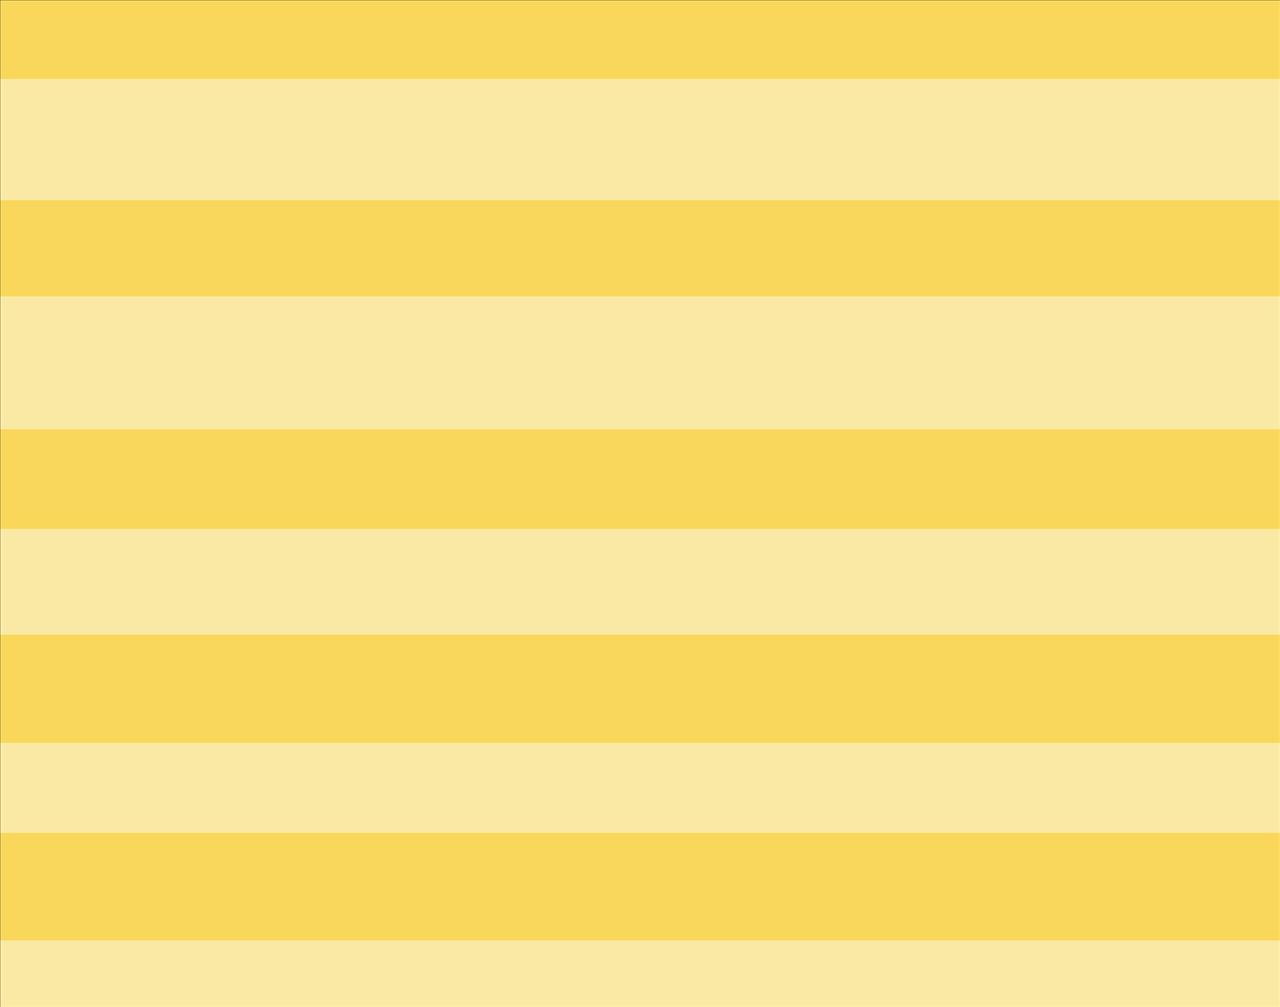 Yellow Stripe Wallpaper: Horizontal Stripes Wallpaper